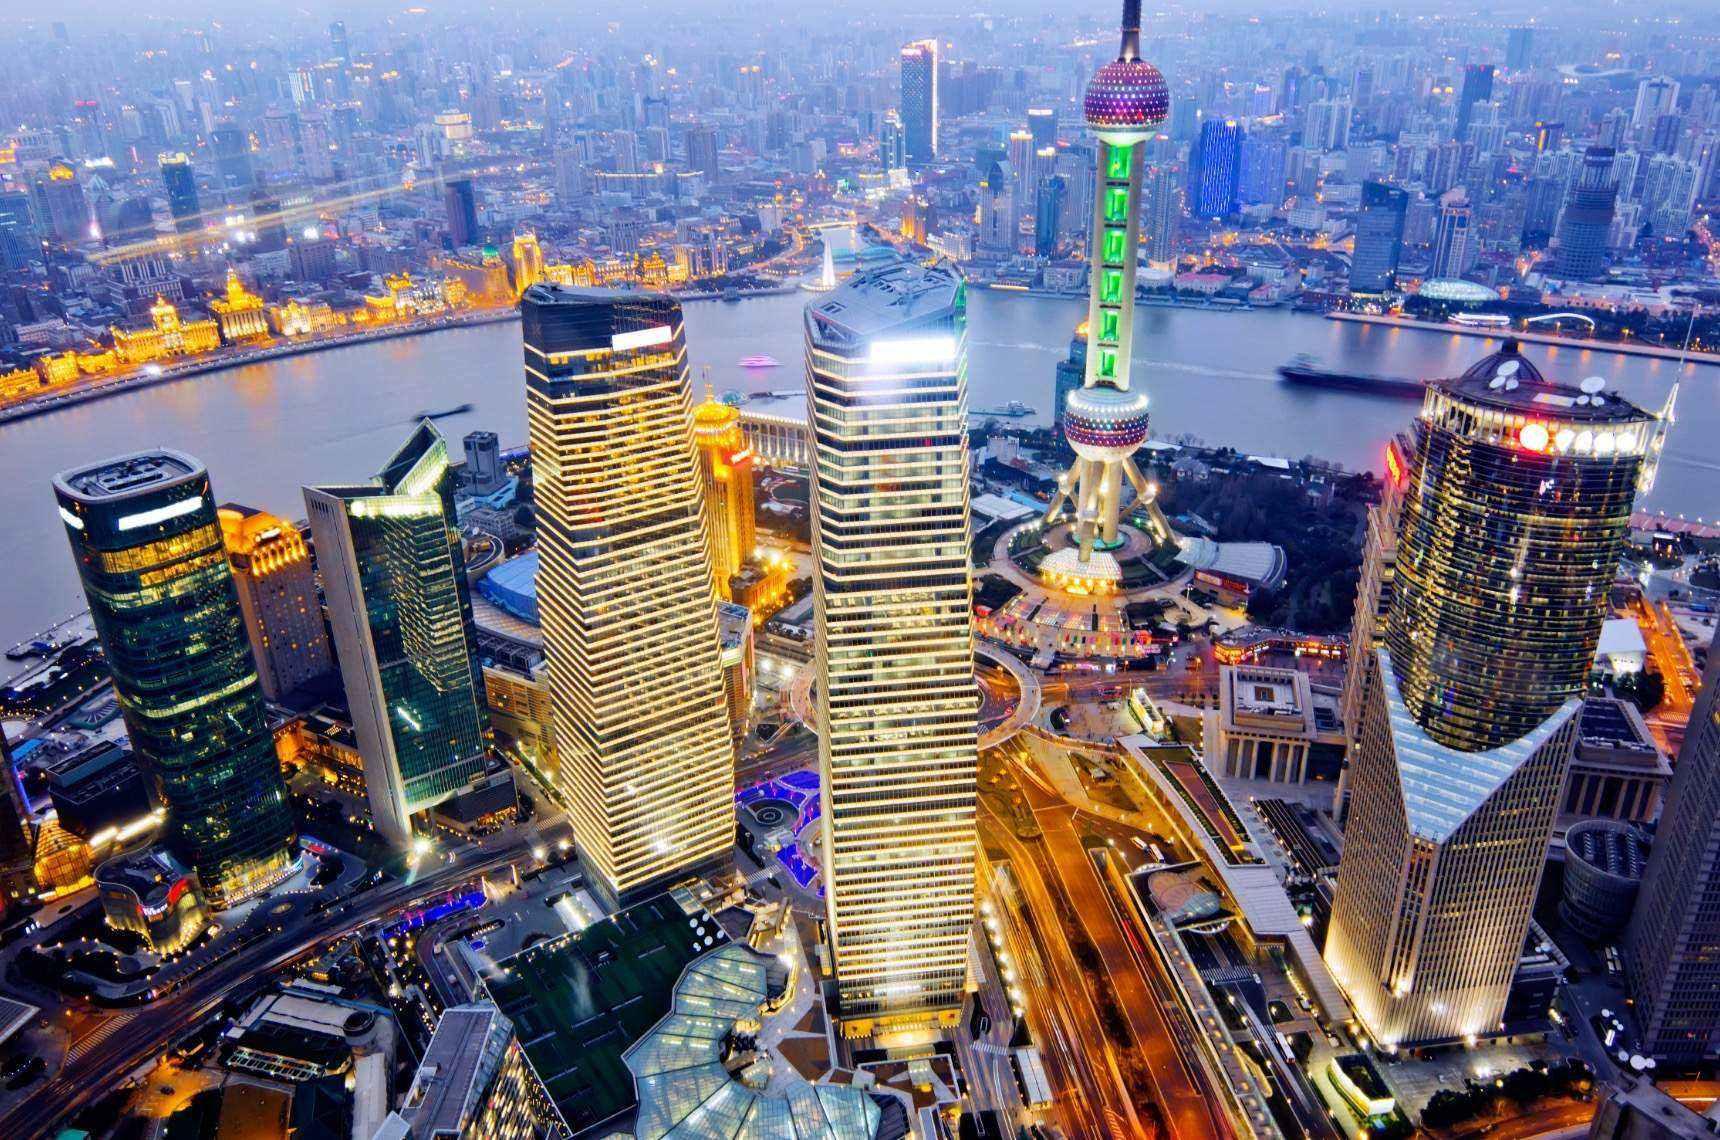 王勇:瞩望上海科创中心与金融中心的联动效应